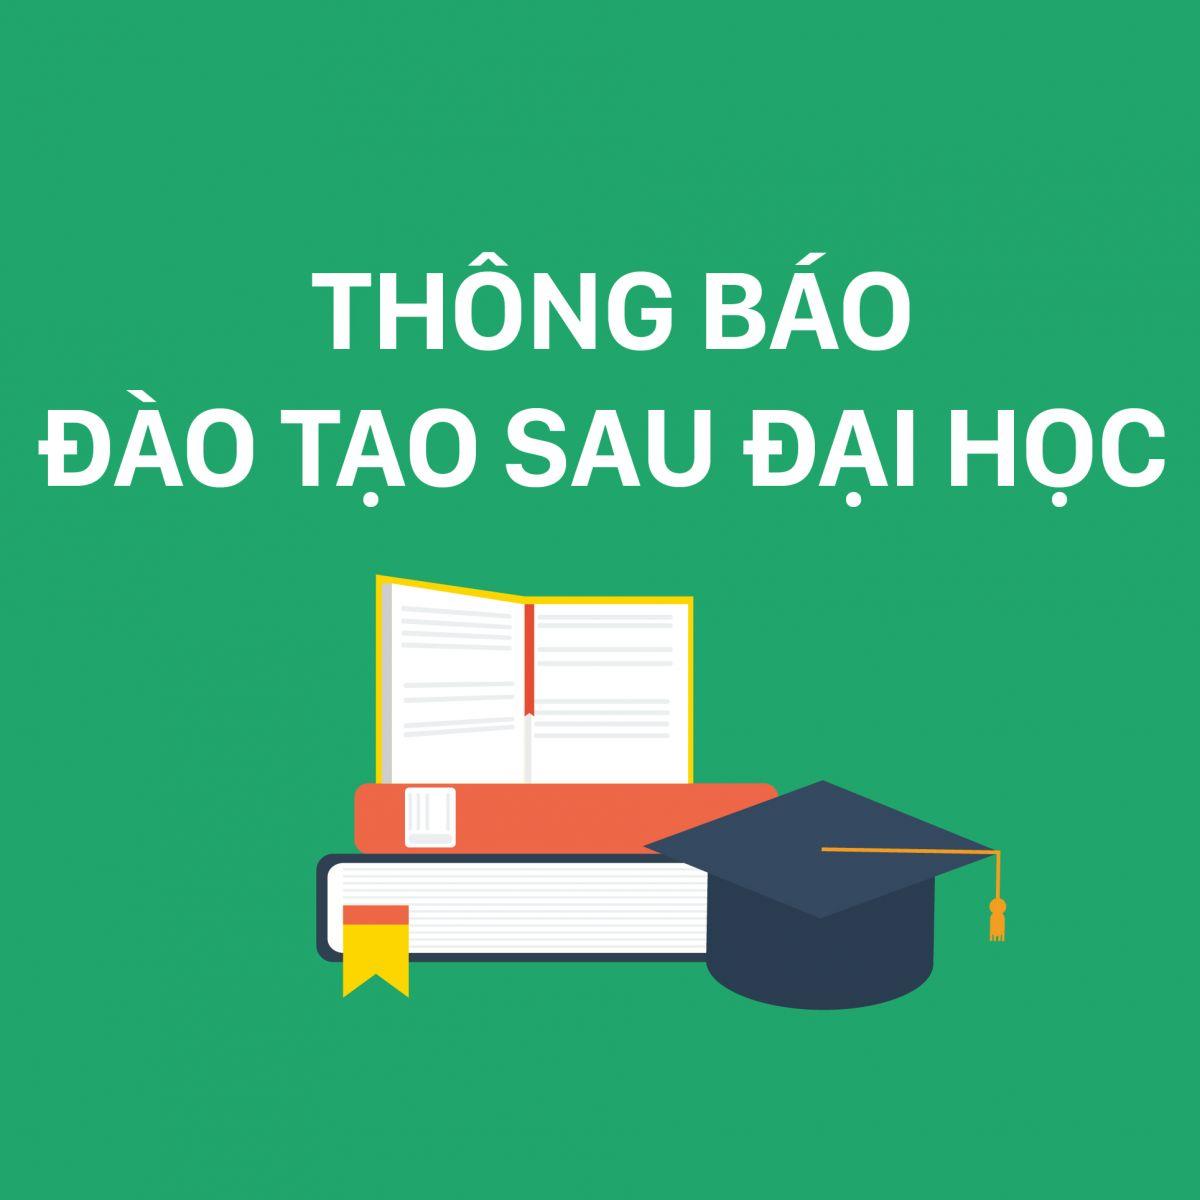 Thông báo: Lịch thi, thông tin số báo danh, phòng thi và các dặn dò khác -  thi tuyển sinh cao học đợt 2 năm 2020